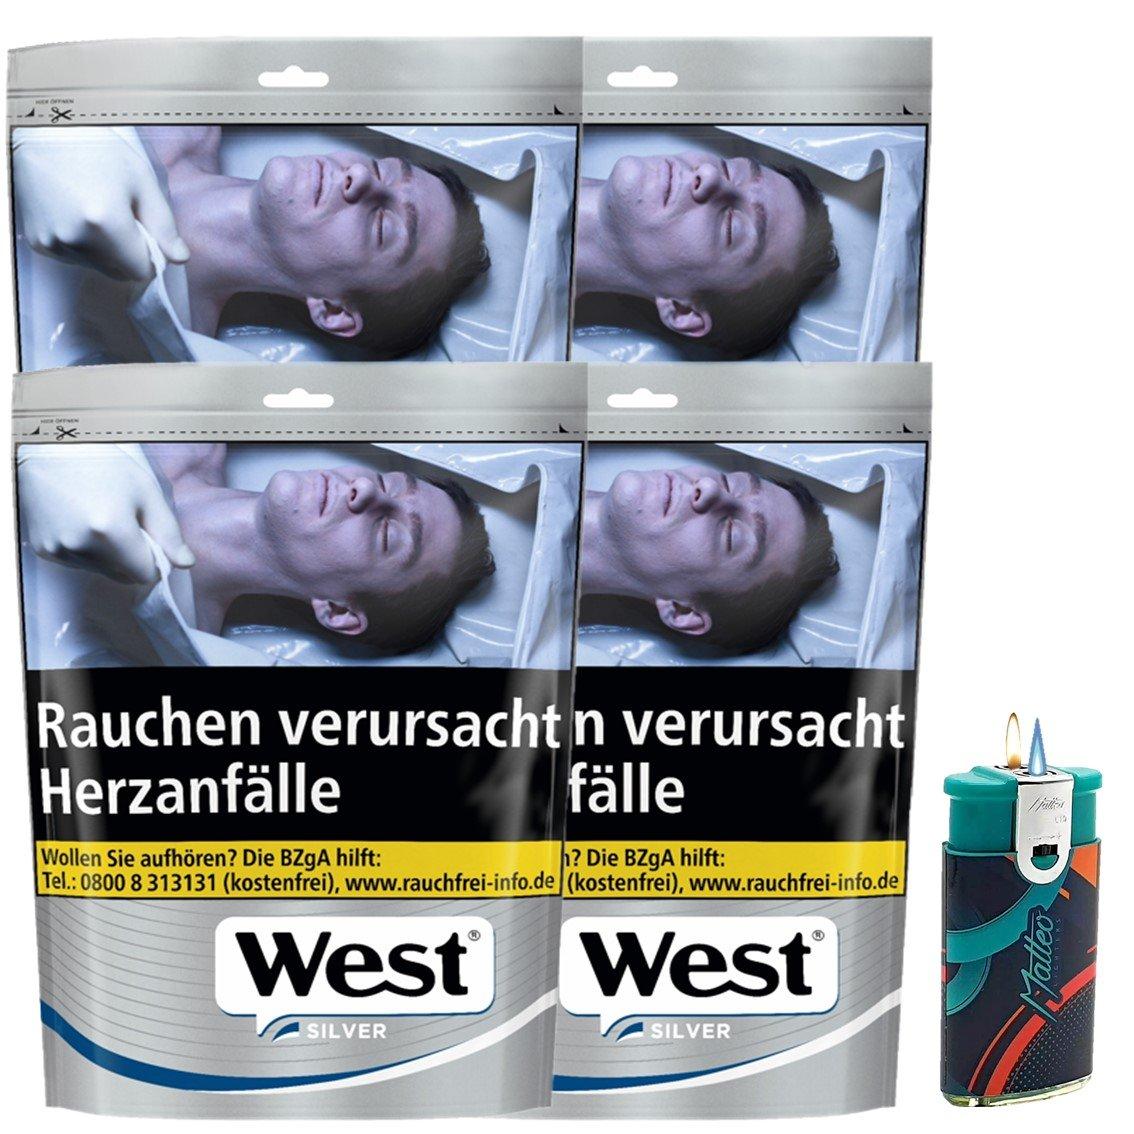 West Silver 4 x 96g mit Feuerzeug